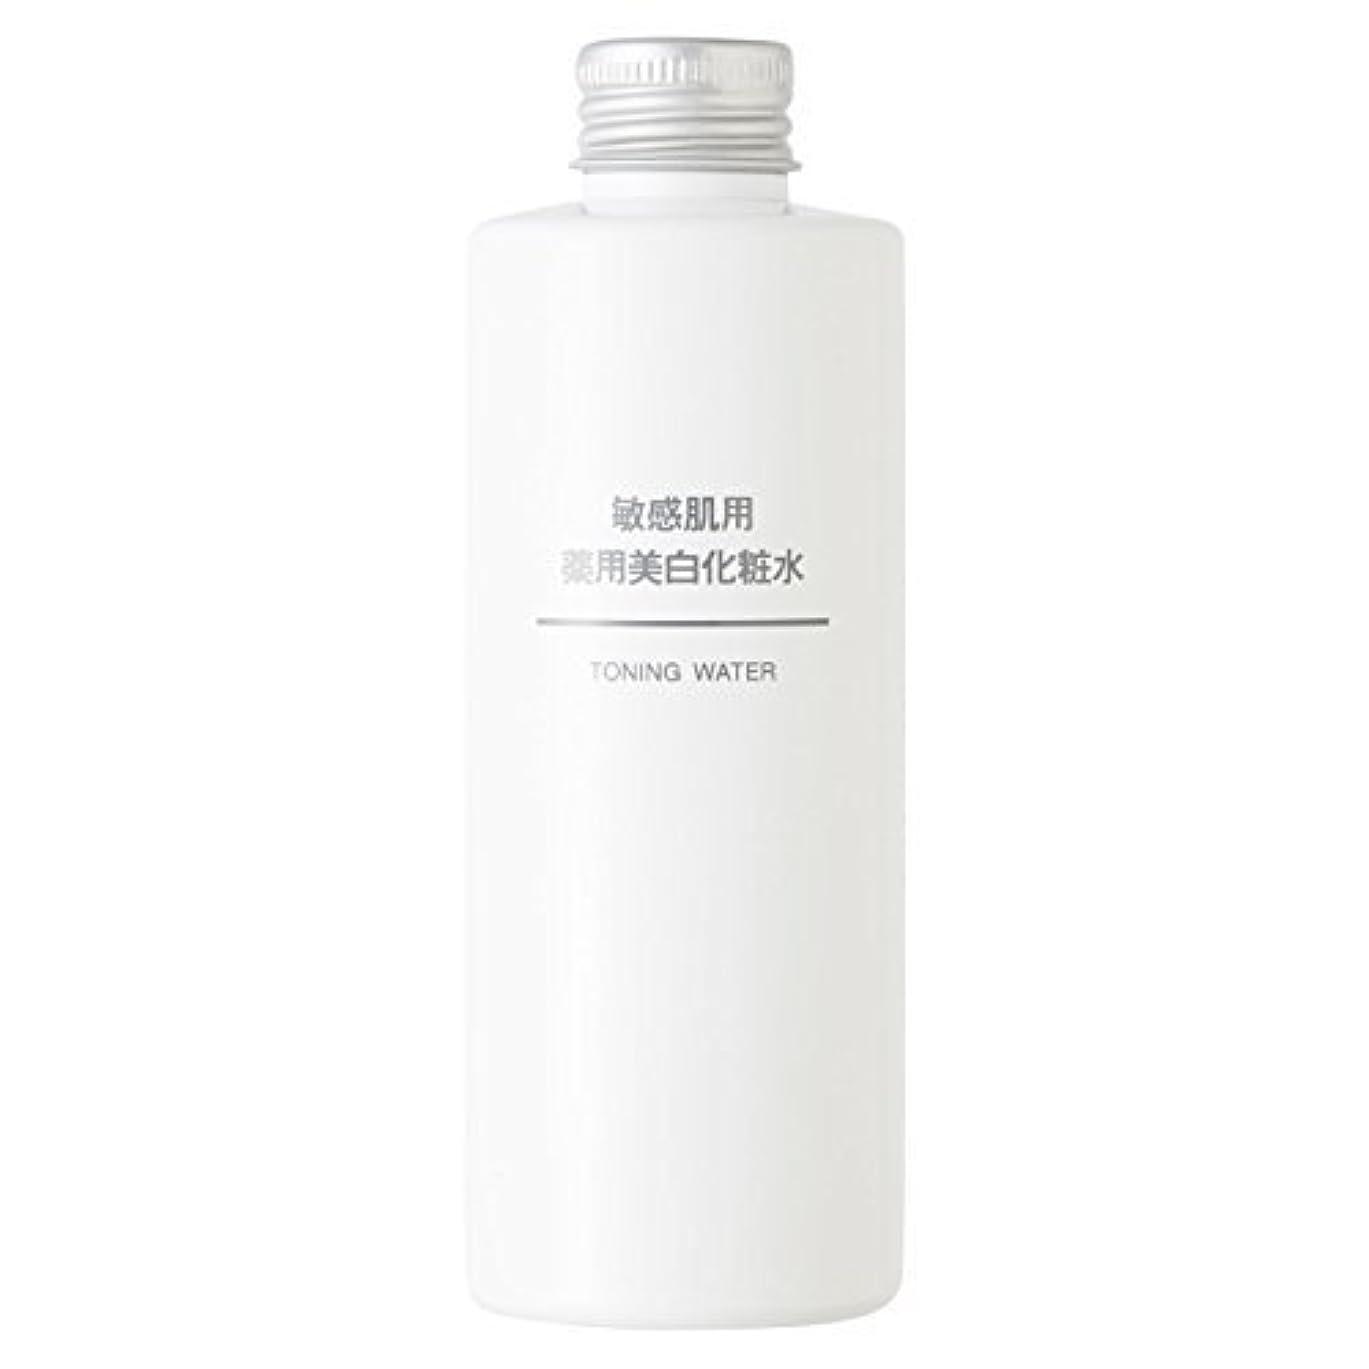 スラダムパンチ乱暴な無印良品 敏感肌用 薬用美白化粧水 (新)200ml